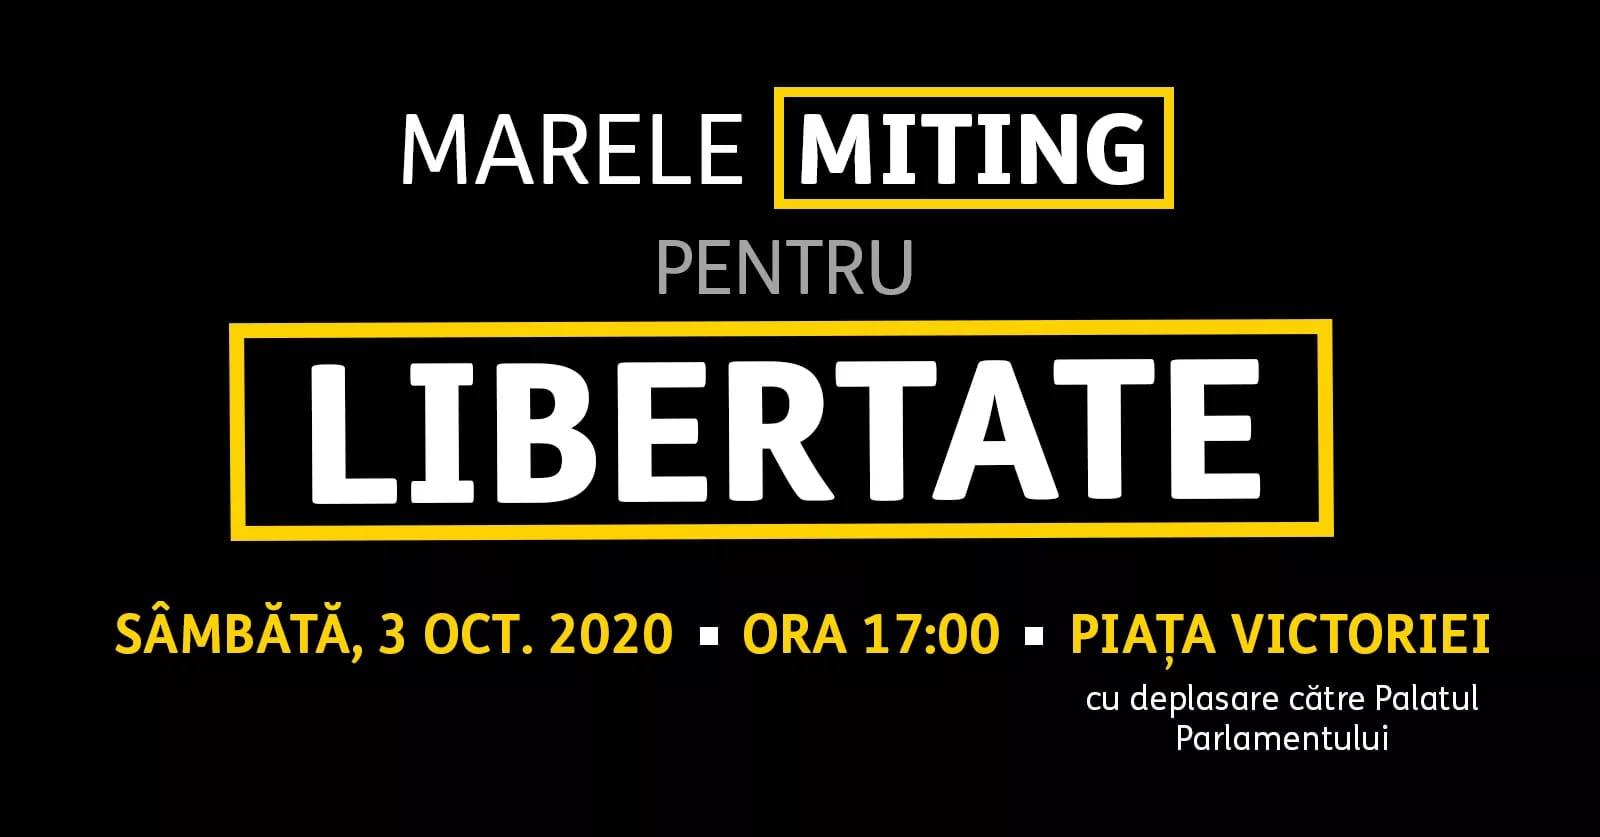 Se anunță un mare miting pentru libertate, astăzi, de la ora 17:00, în Piața Victoriei